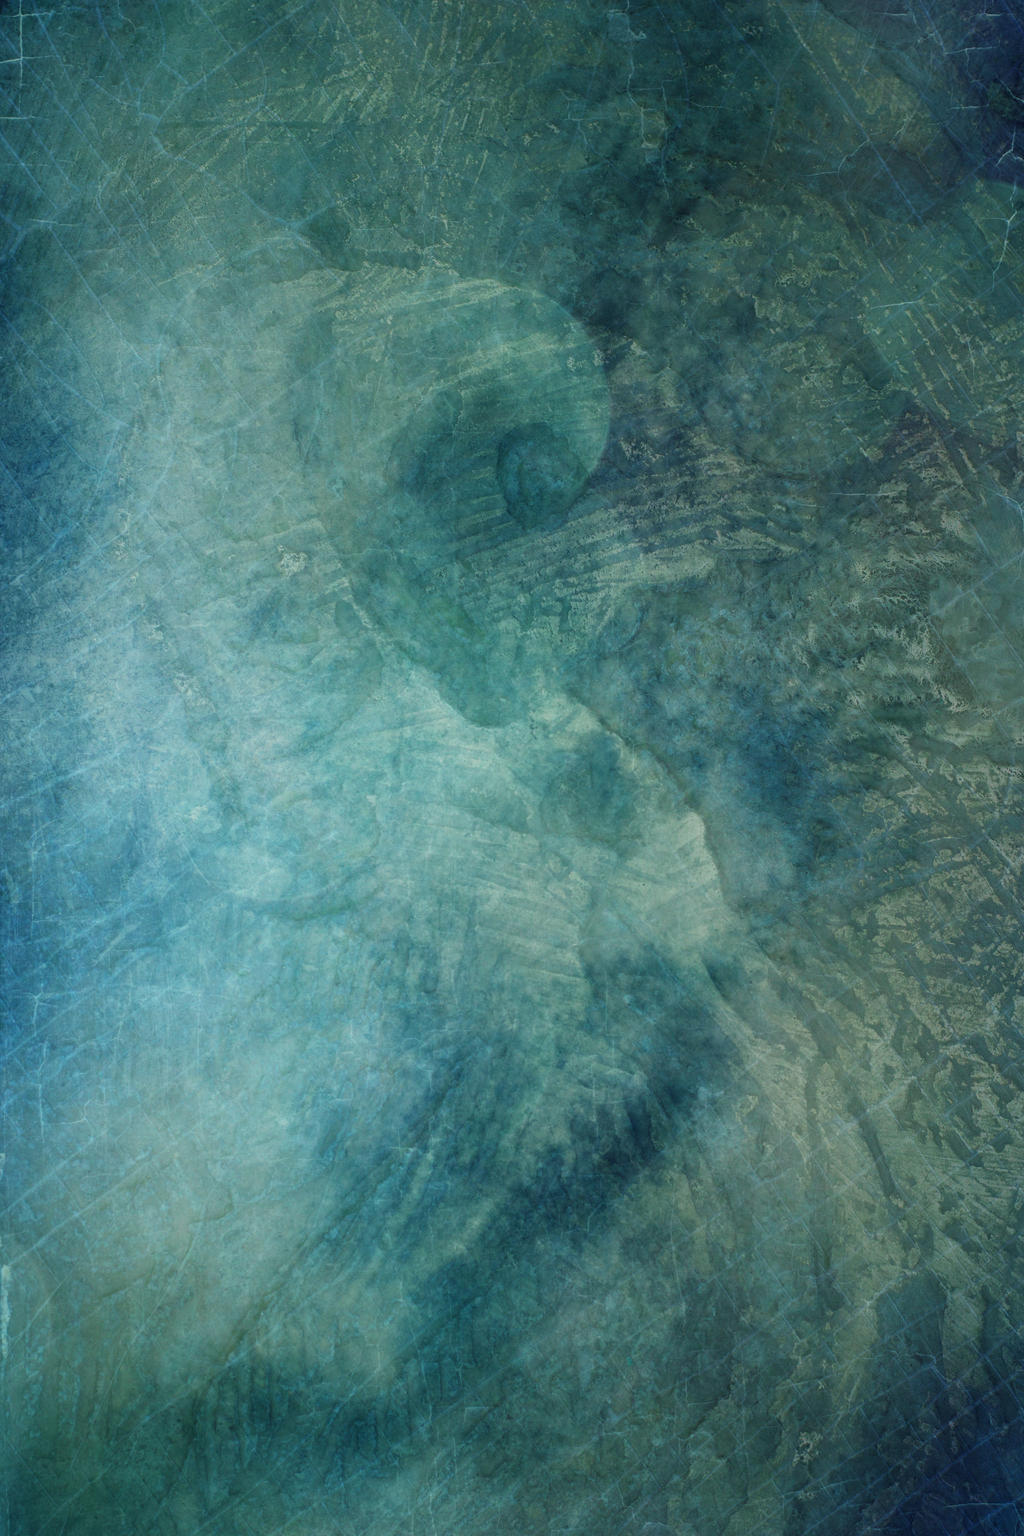 Texture 469 by Sirius-sdz